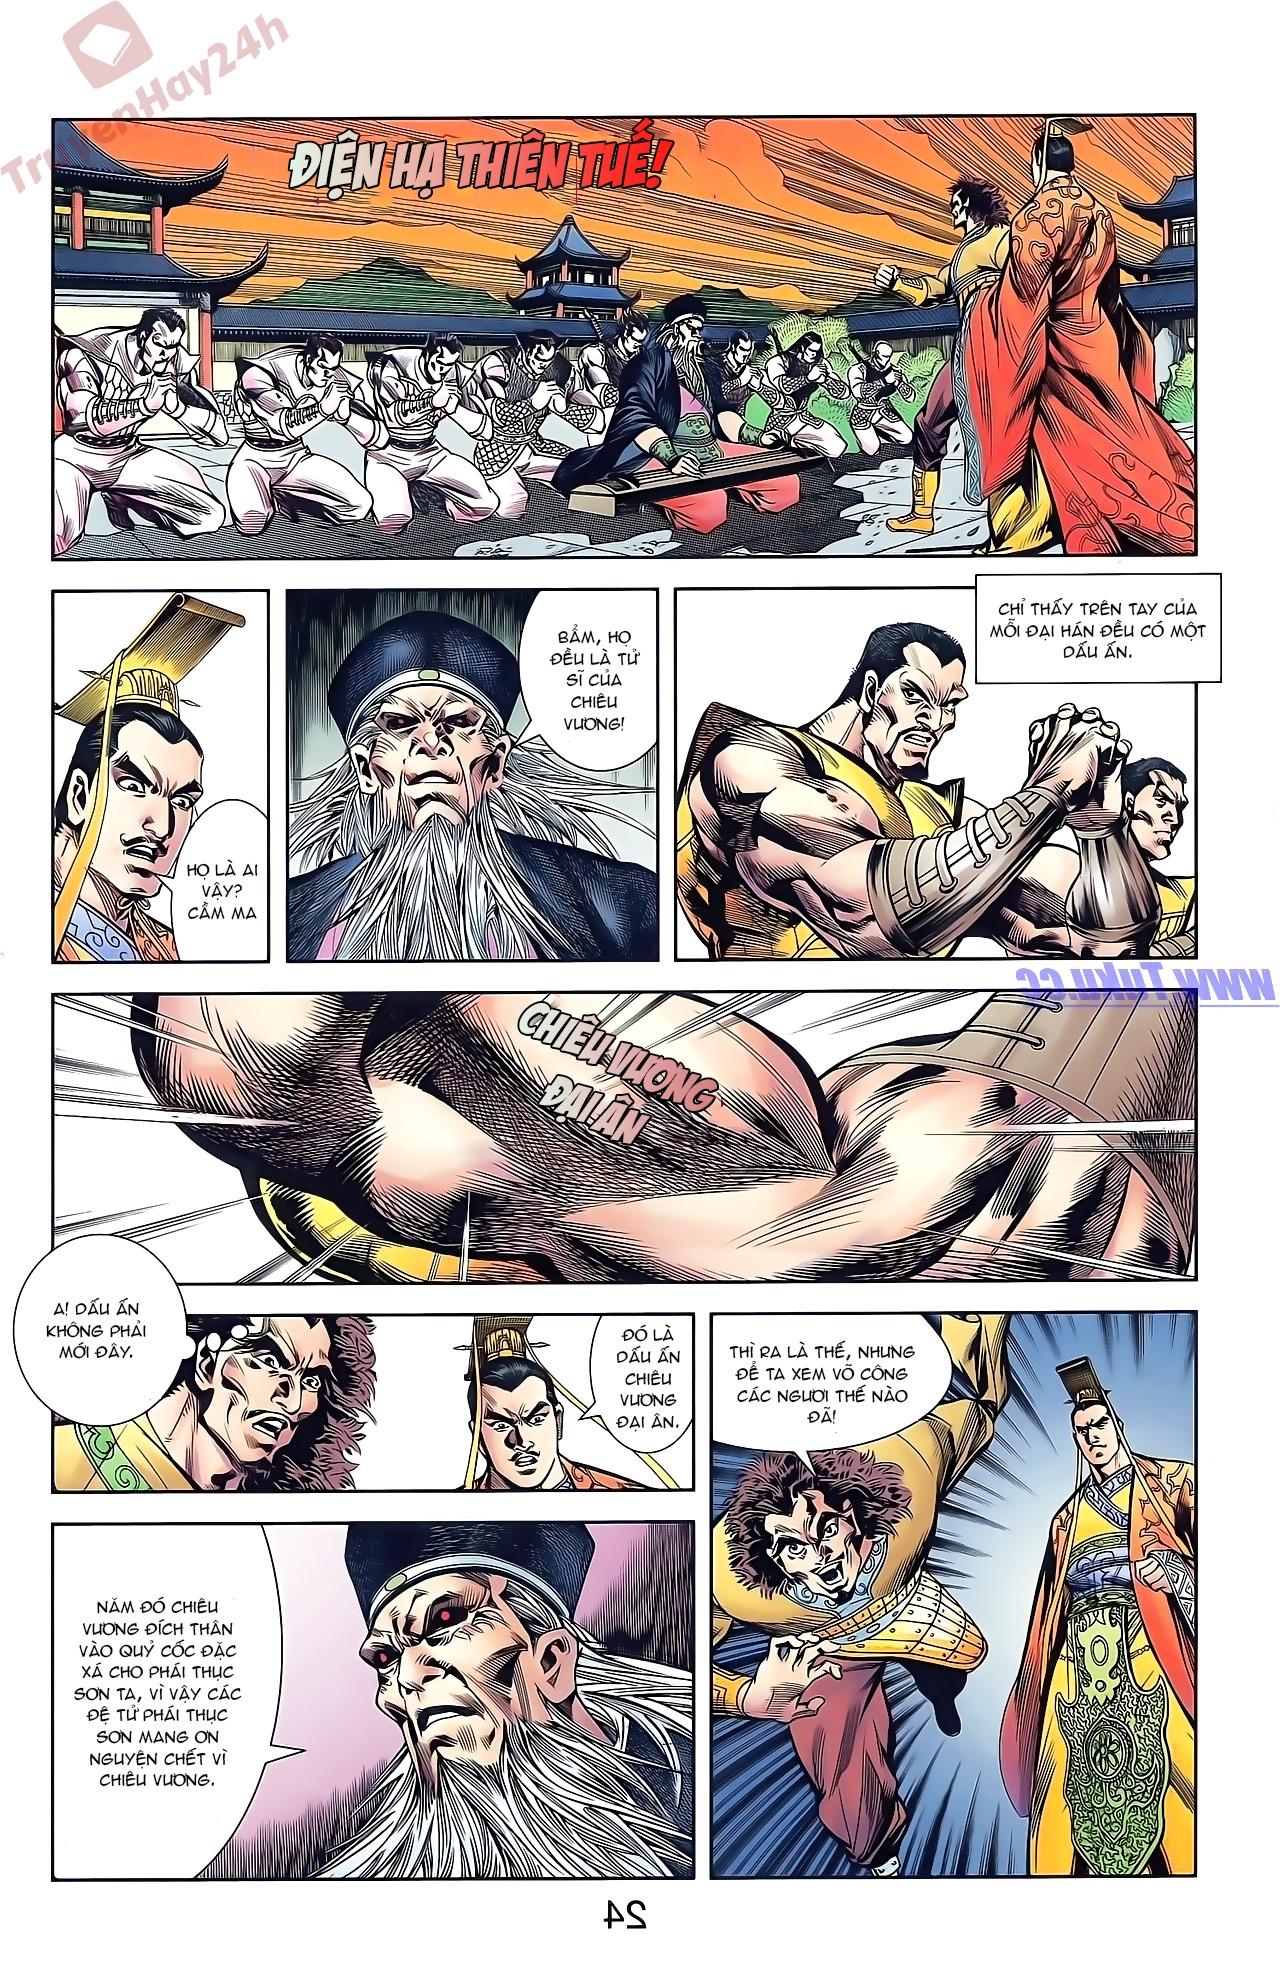 Tần Vương Doanh Chính chapter 43 trang 25